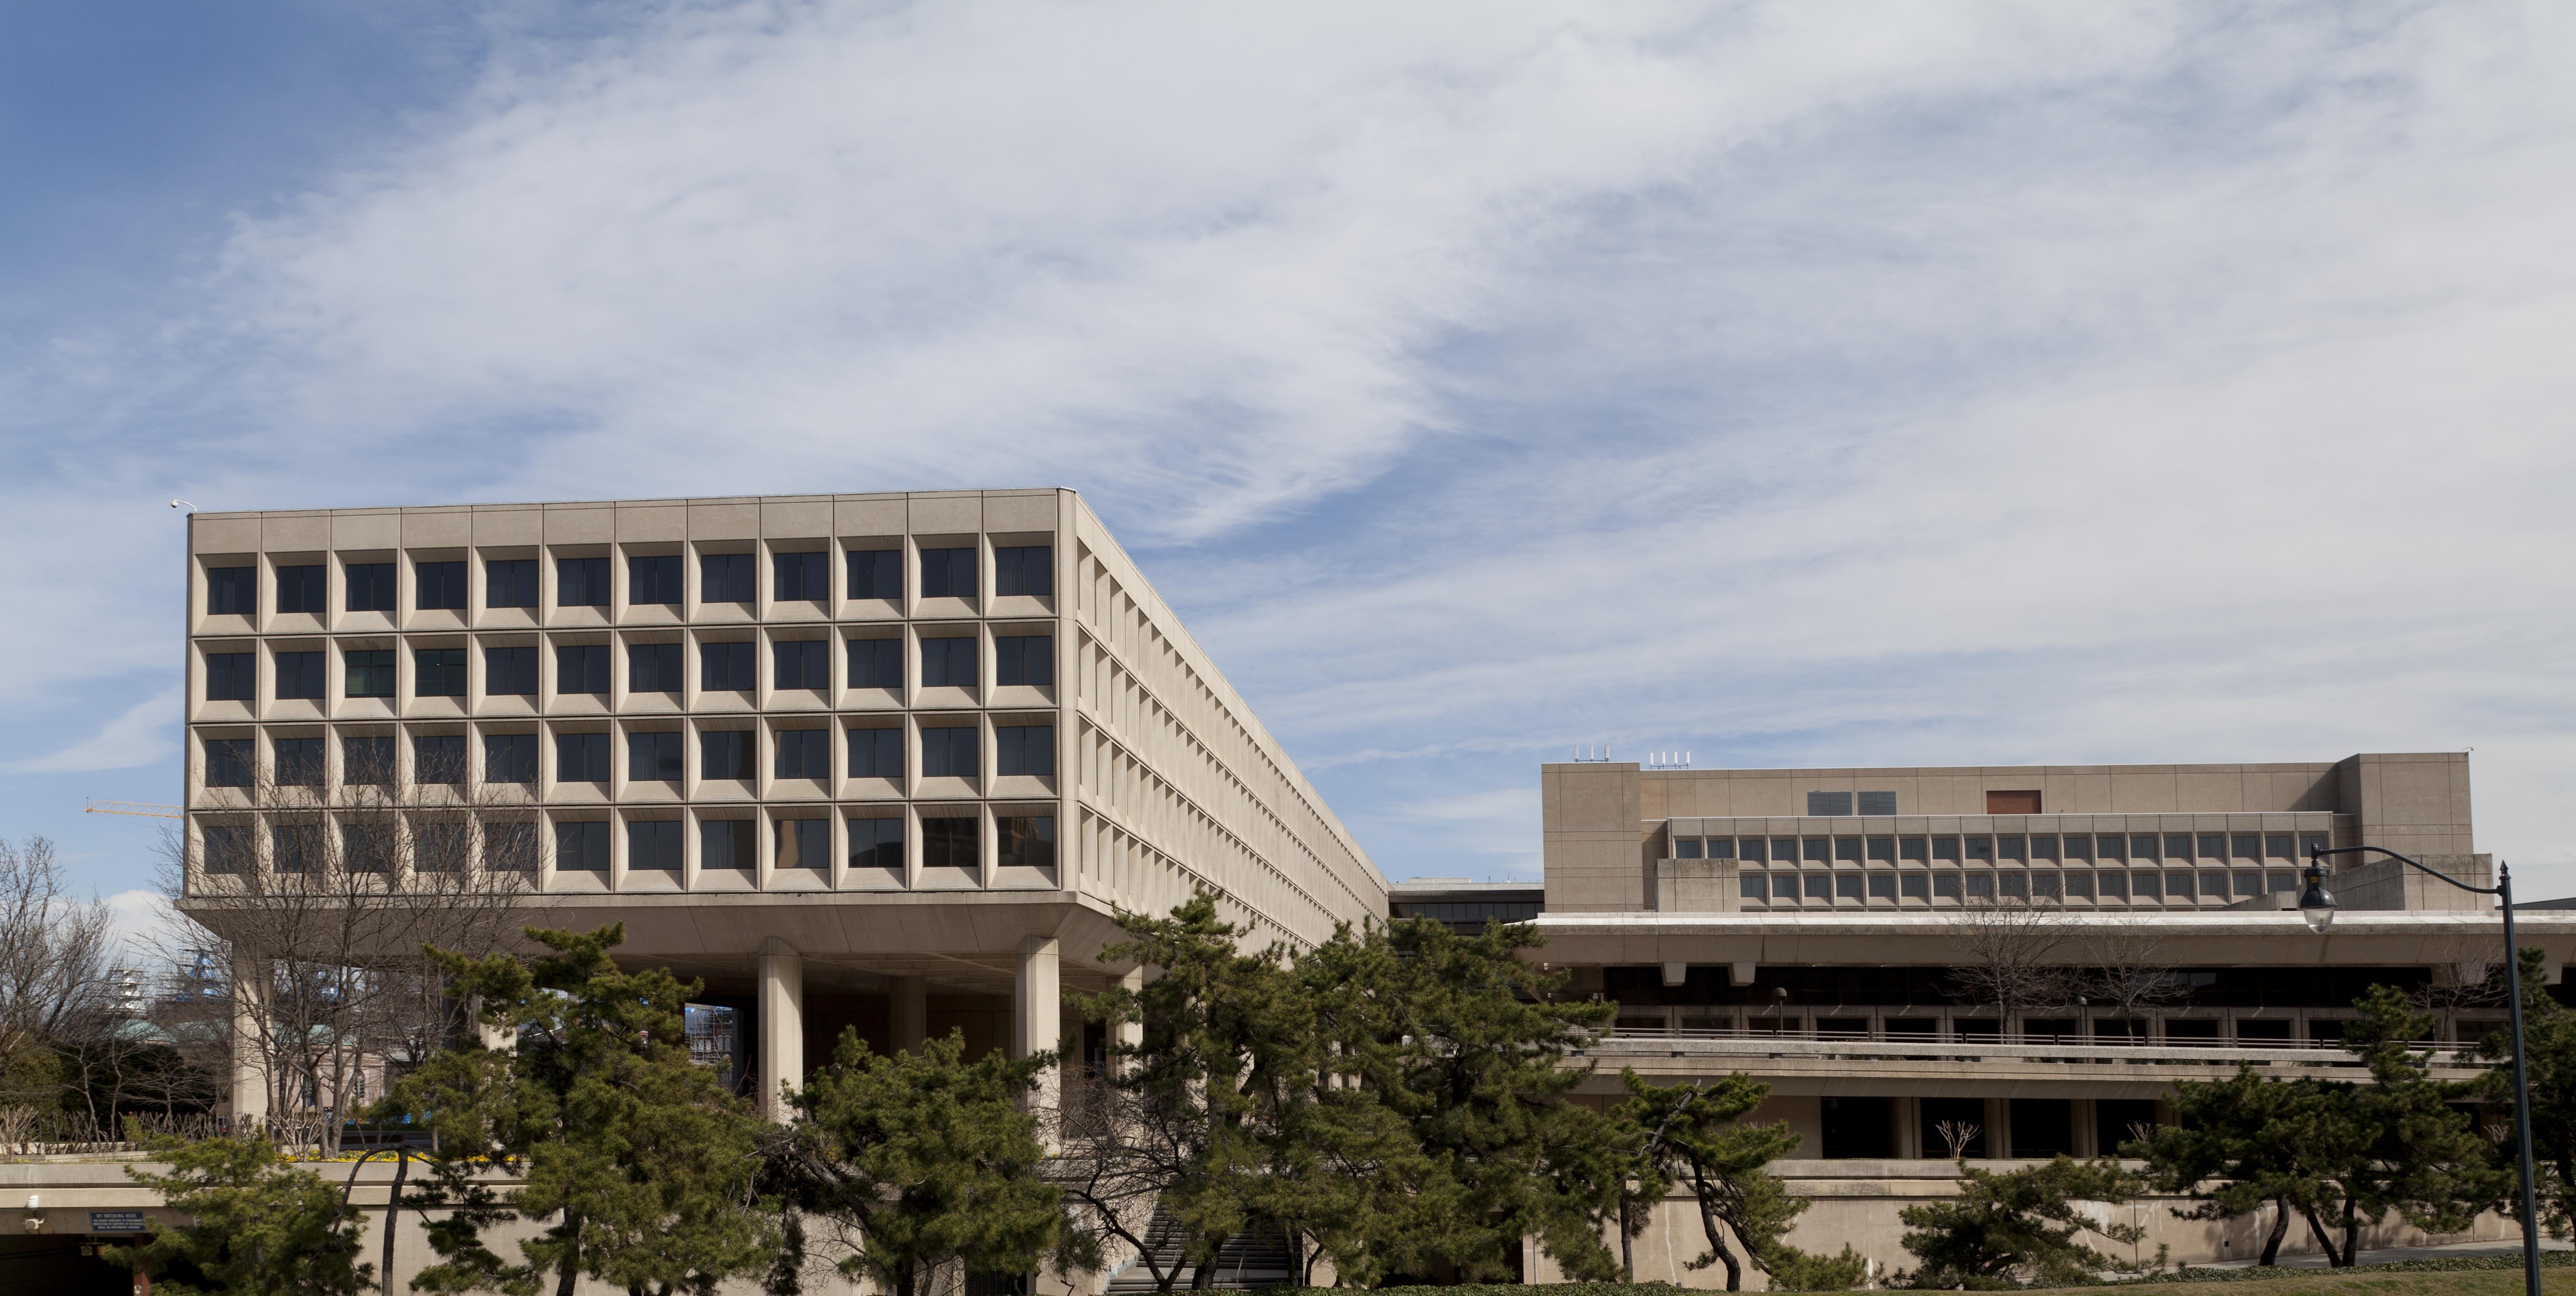 Forrestal Federal Building